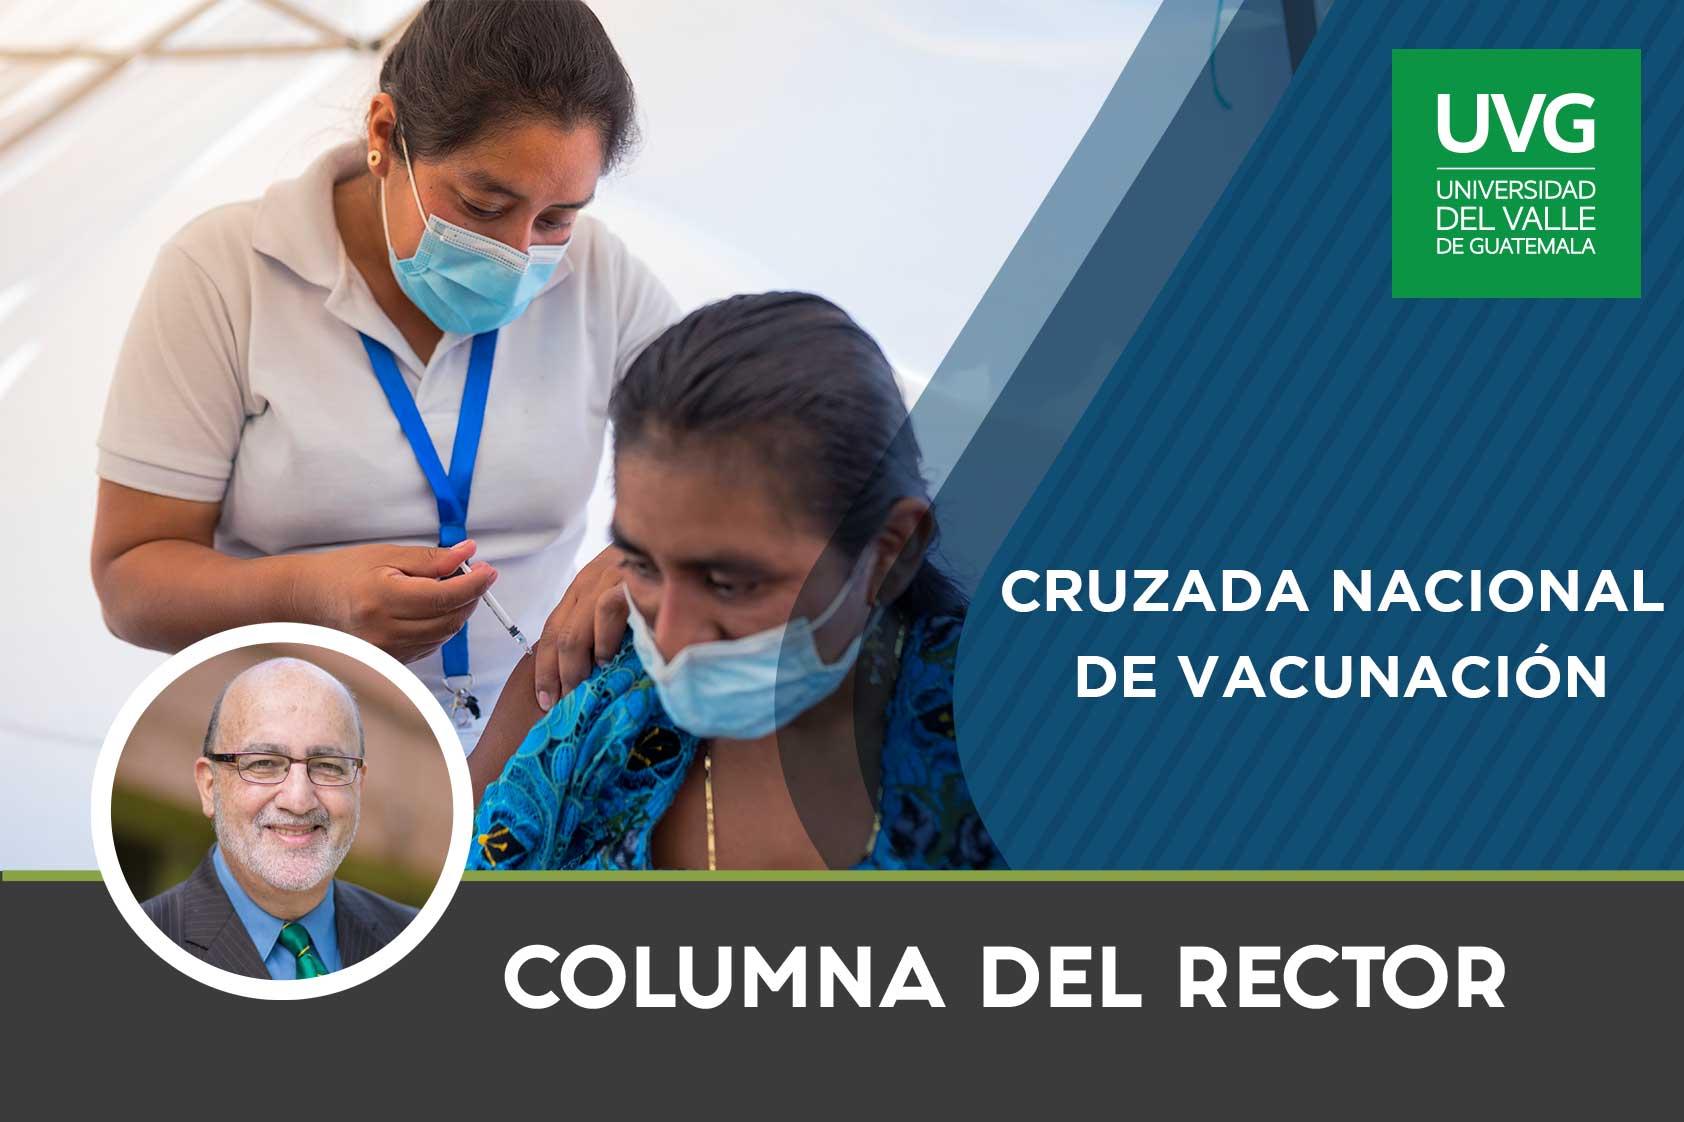 Cruzada Nacional de Vacunación